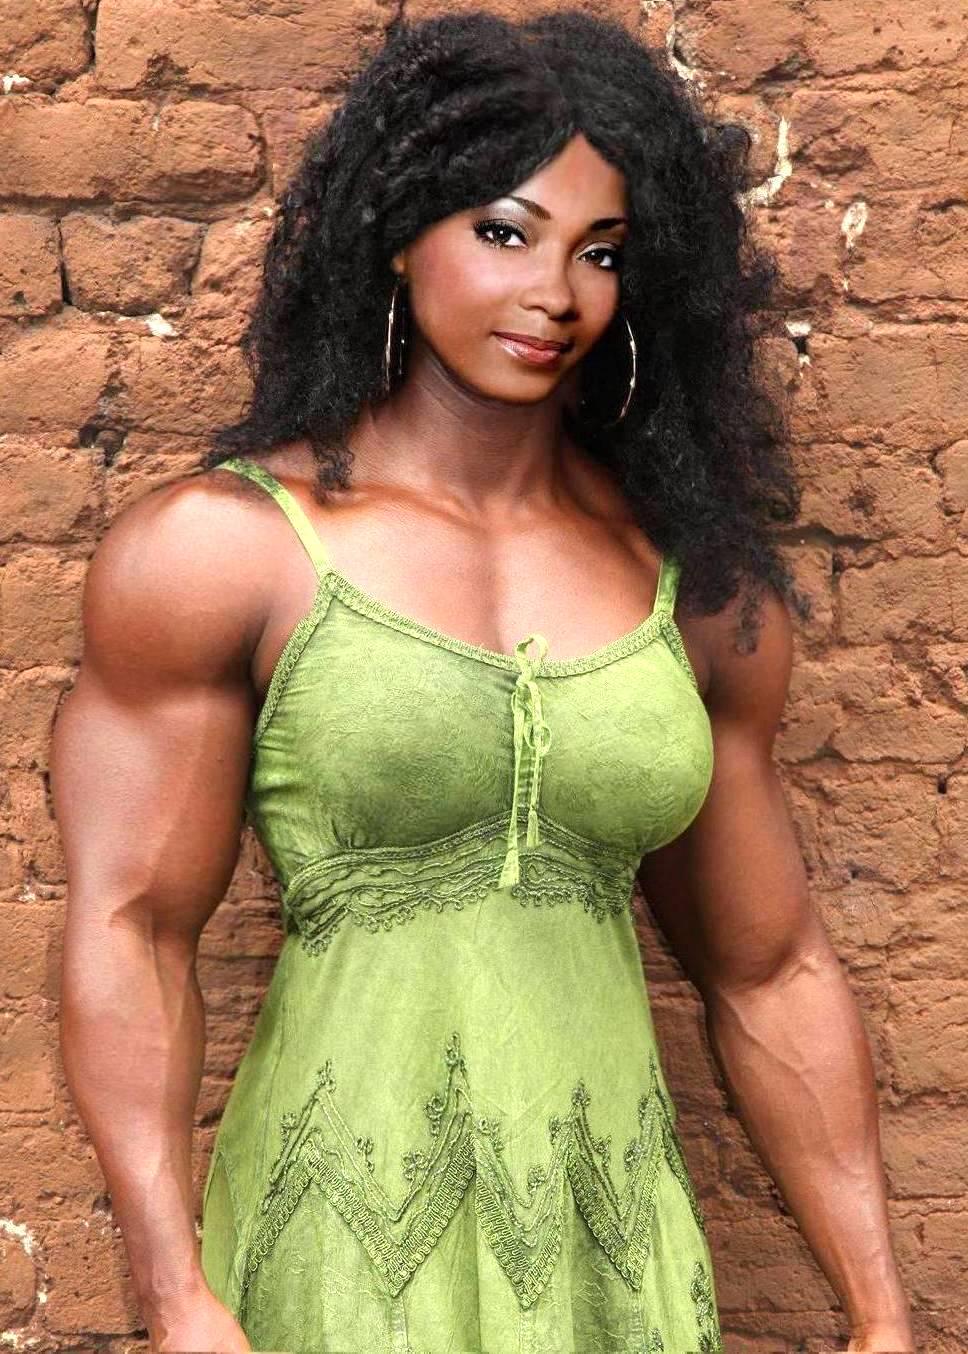 Bodybuilder Ebony 58